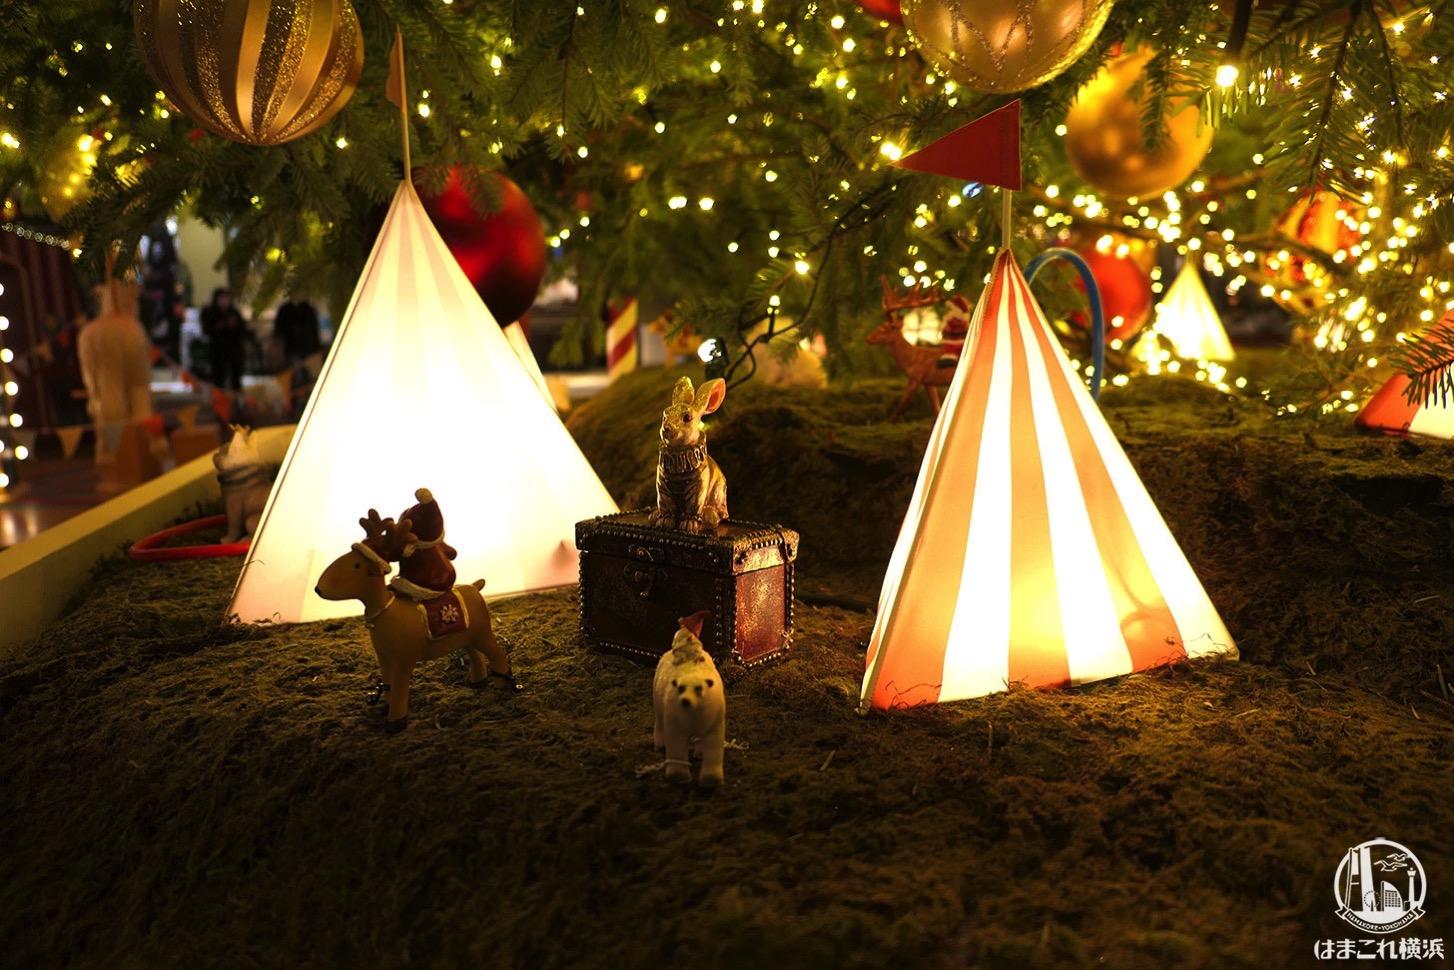 ライトアップしたクリスマスツリー 根元の街並み